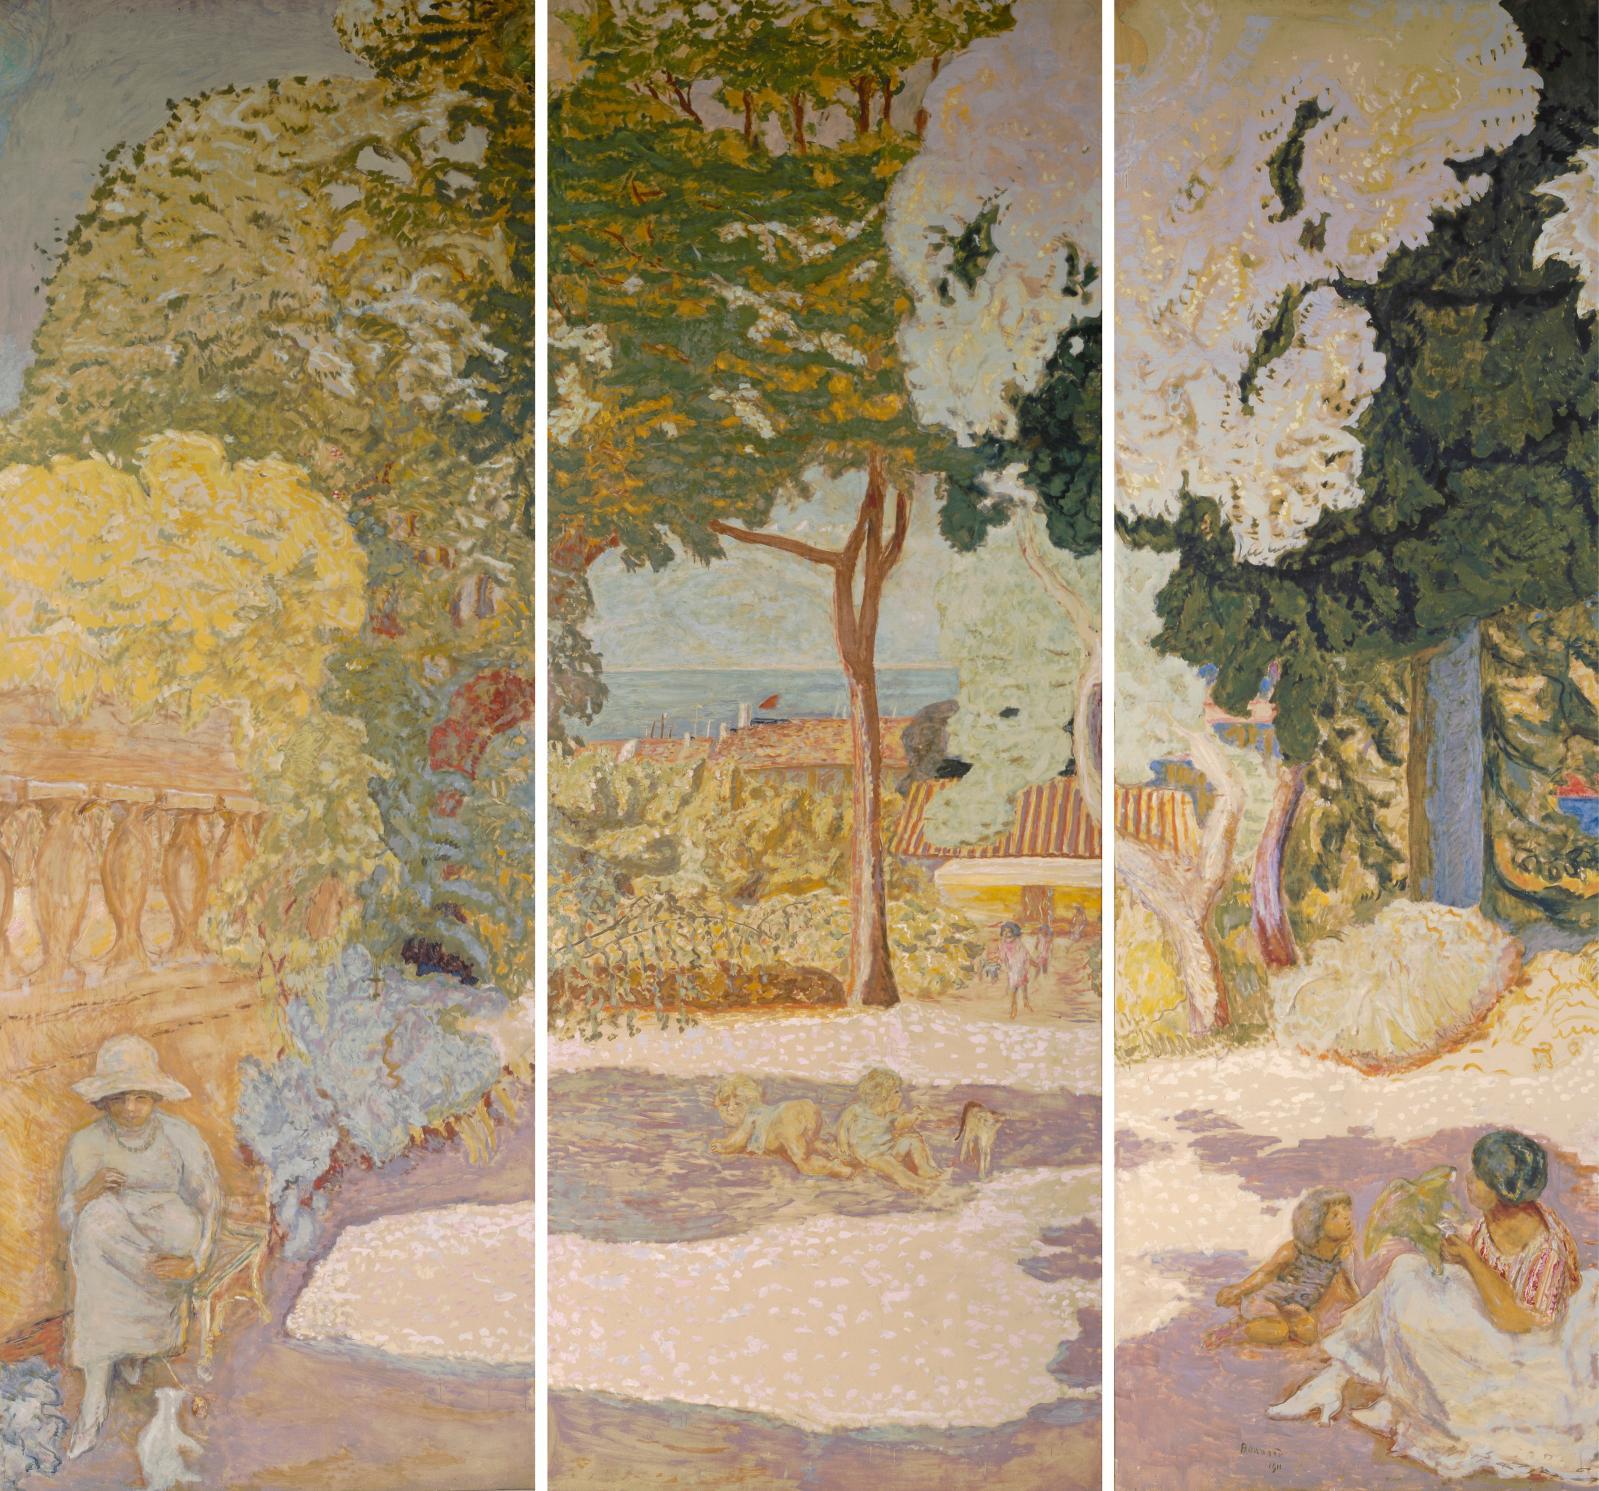 Pierre Bonnard(1867-1947), La Méditerranée, 1911, huile sur toile, 407x152cm chaque panneau, musée d'État de l'Ermitage, Saint-Pétersb